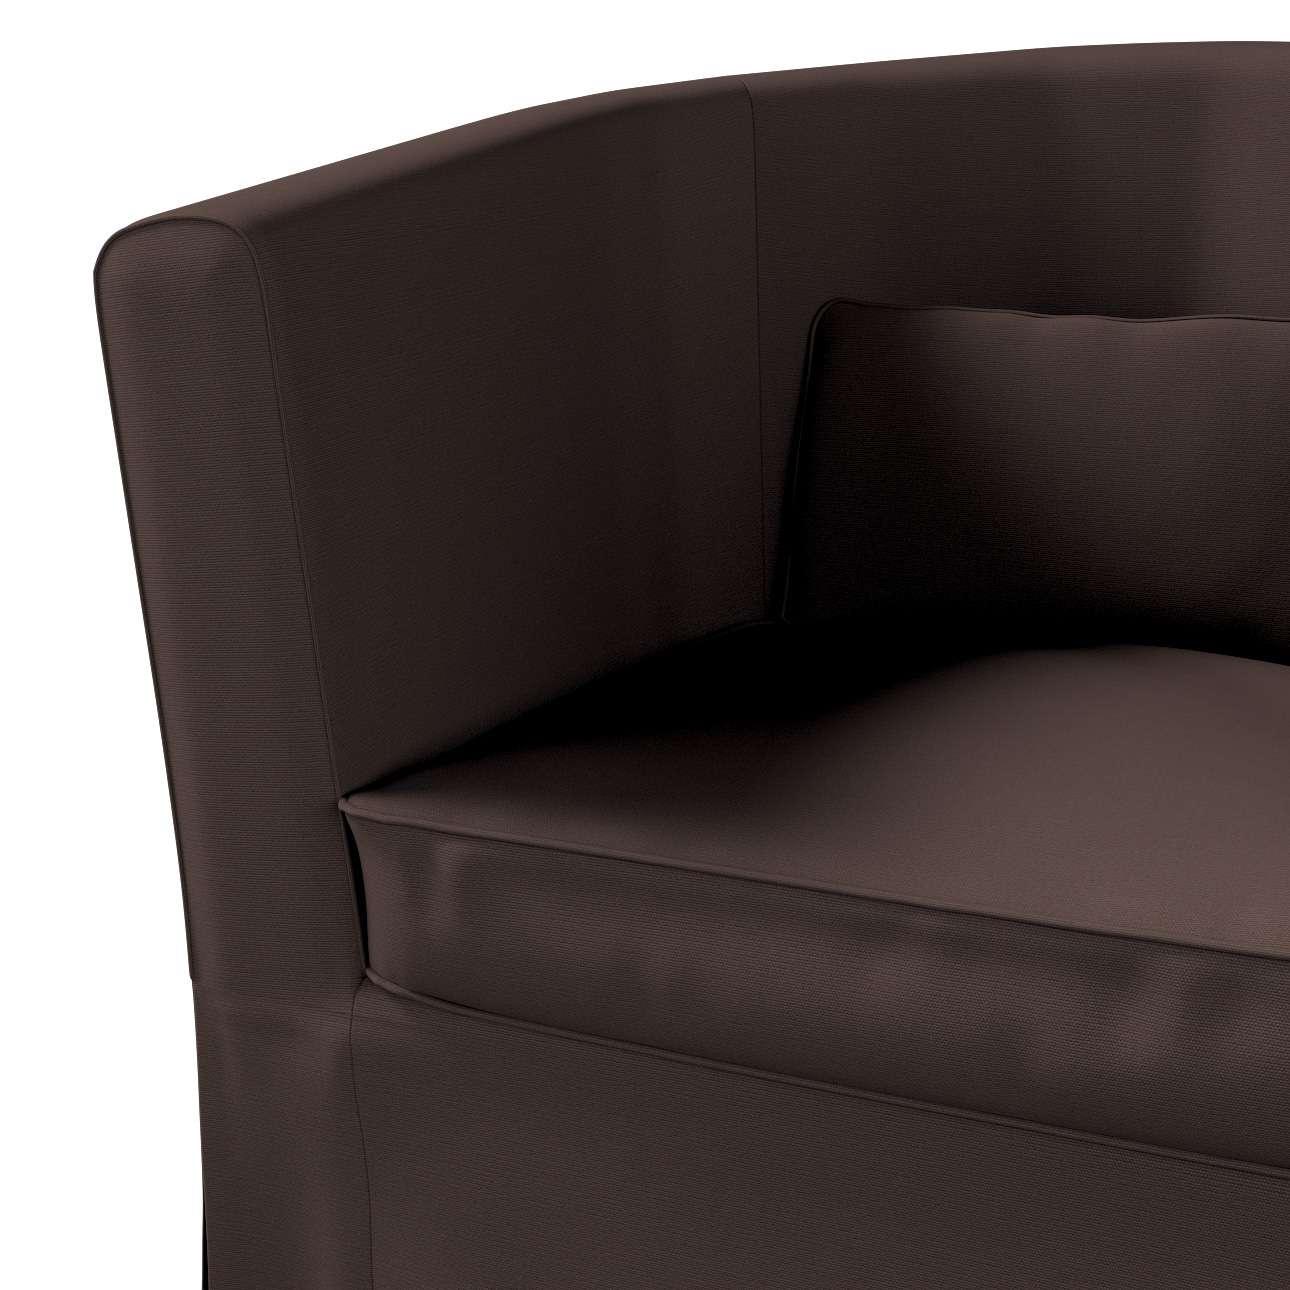 Pokrowiec na fotel Ektorp Tullsta w kolekcji Cotton Panama, tkanina: 702-03